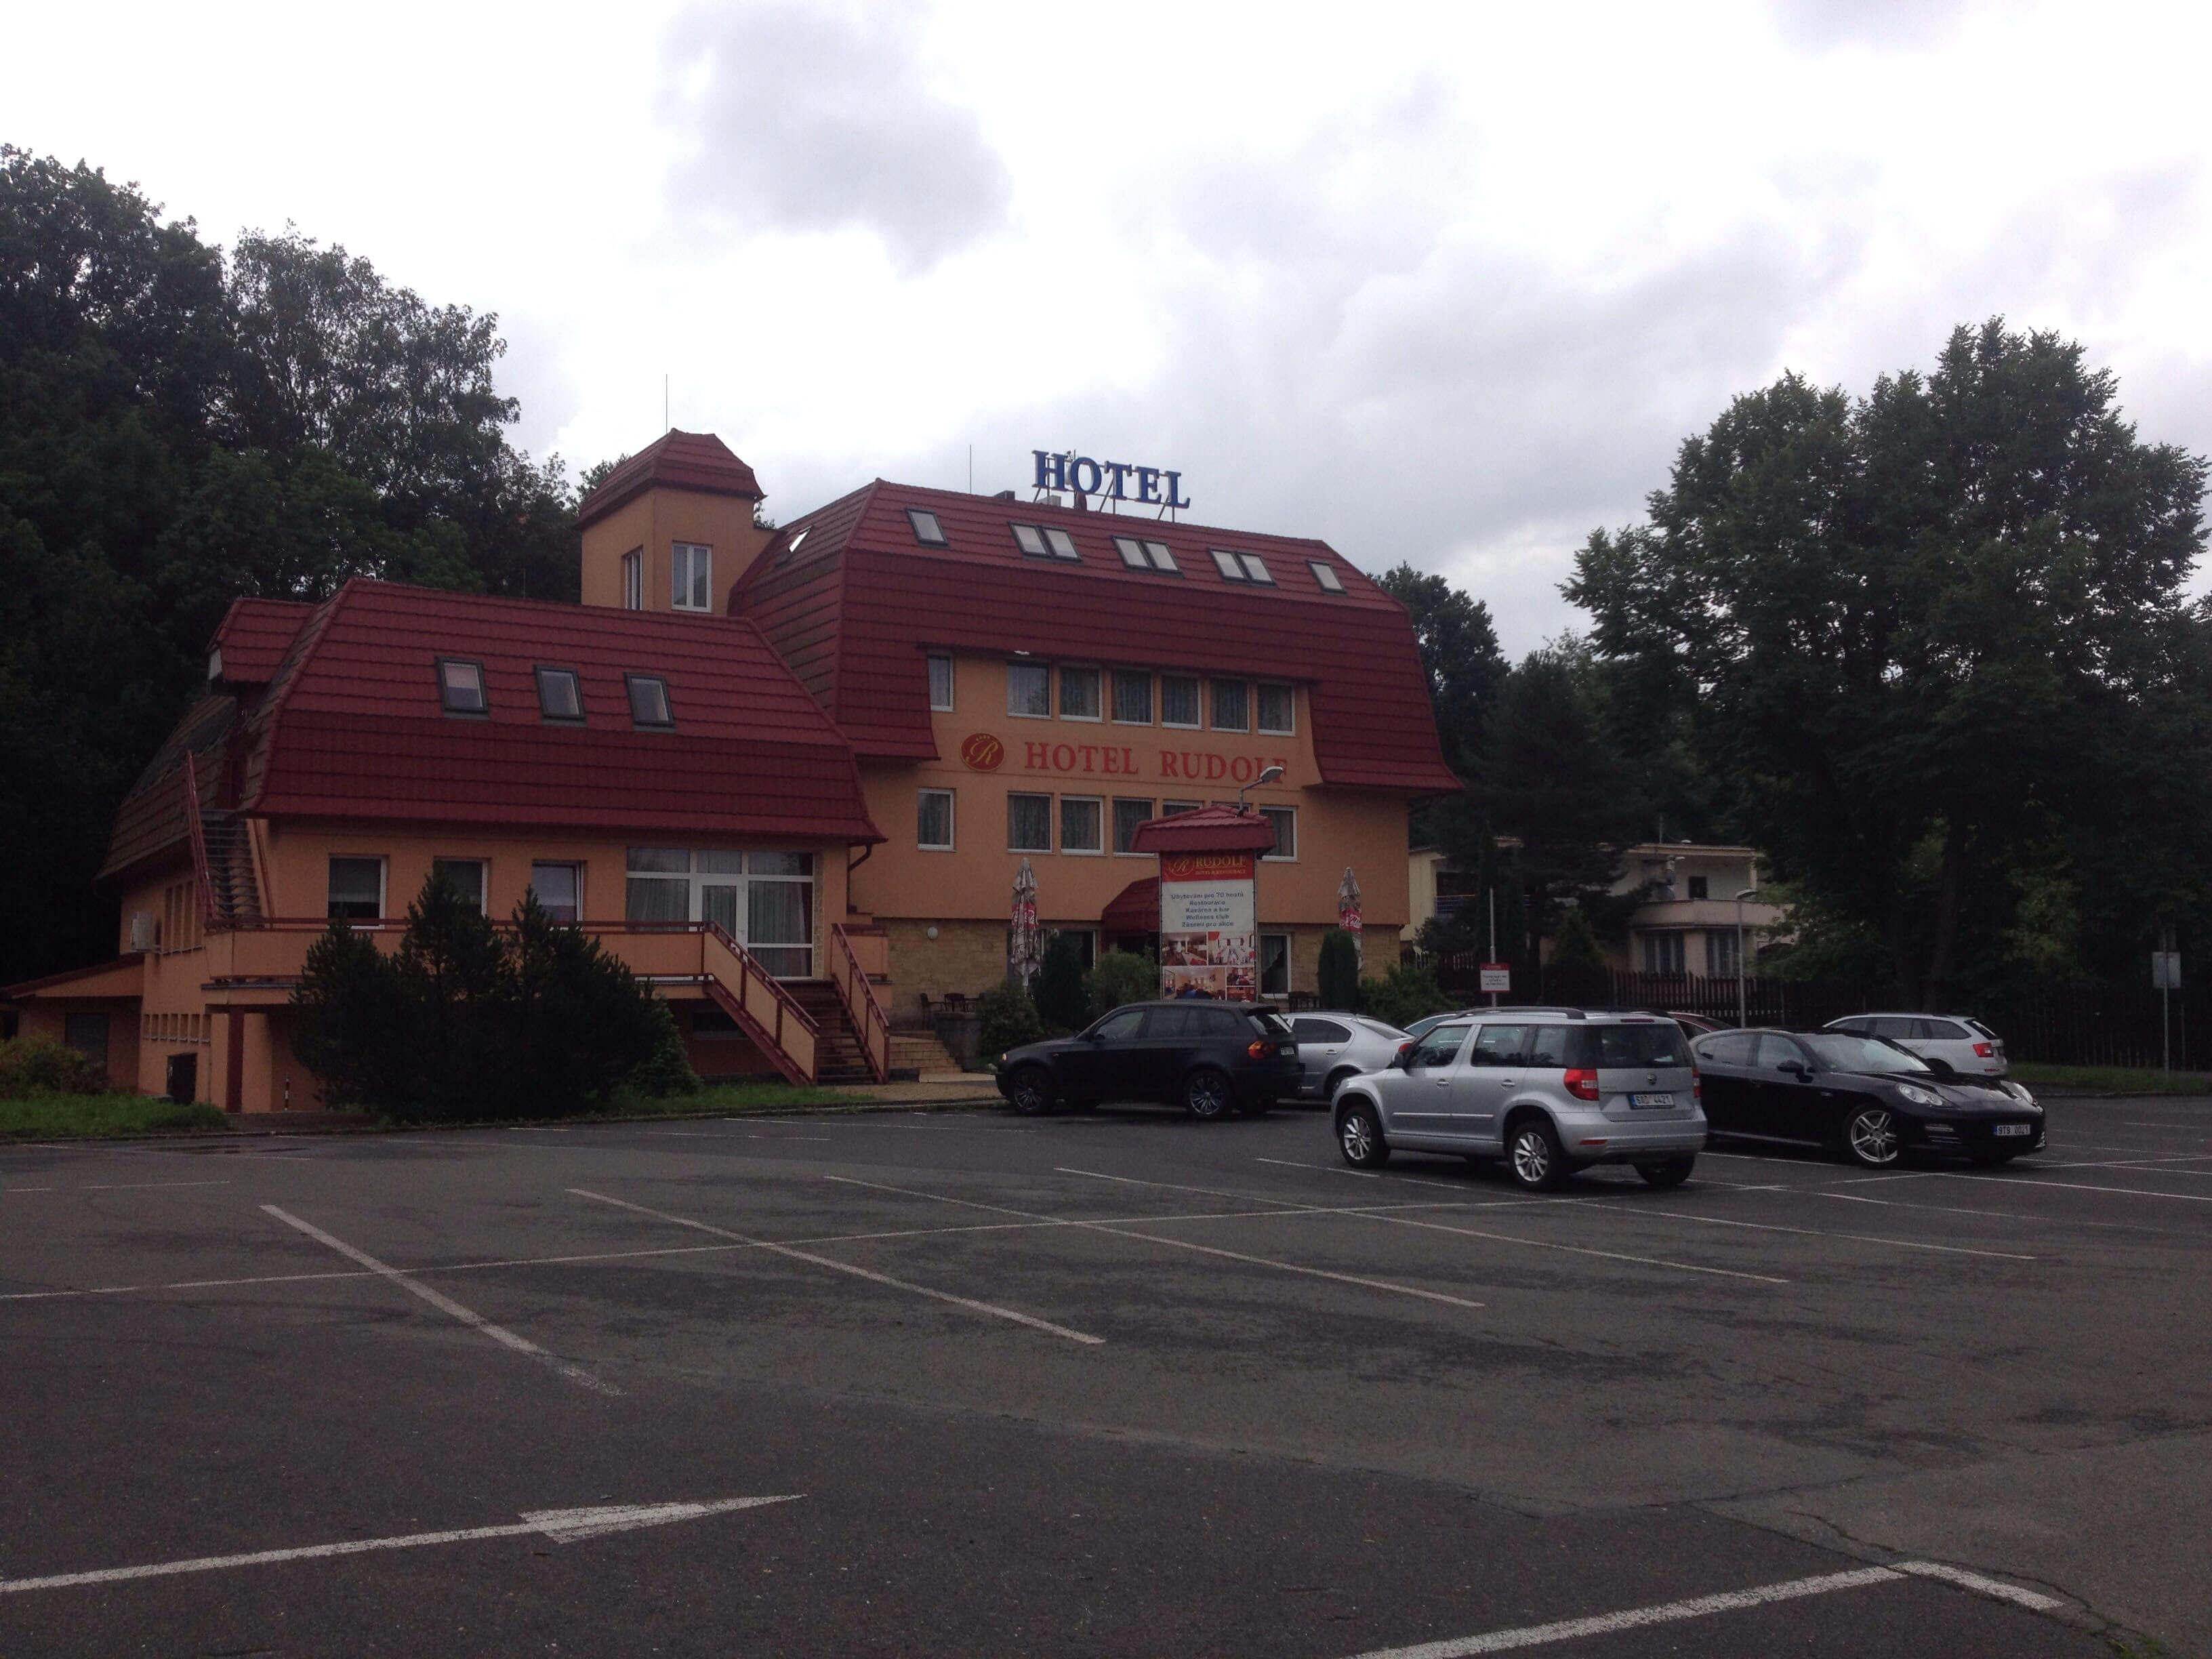 отель рудольф в чехии